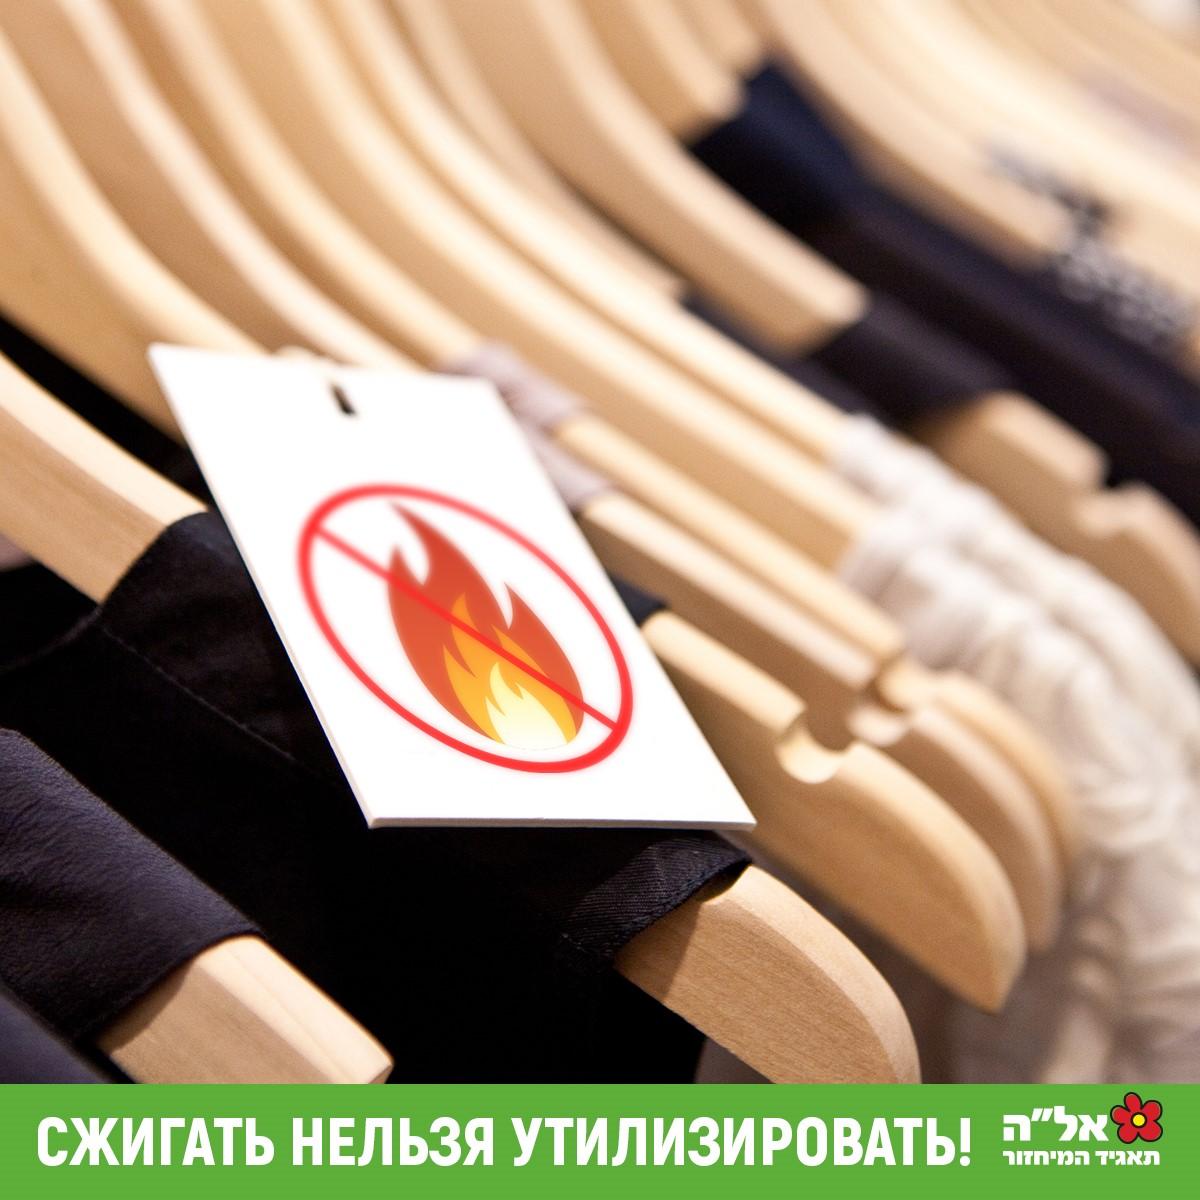 Сжигать нельзя утилизировать!